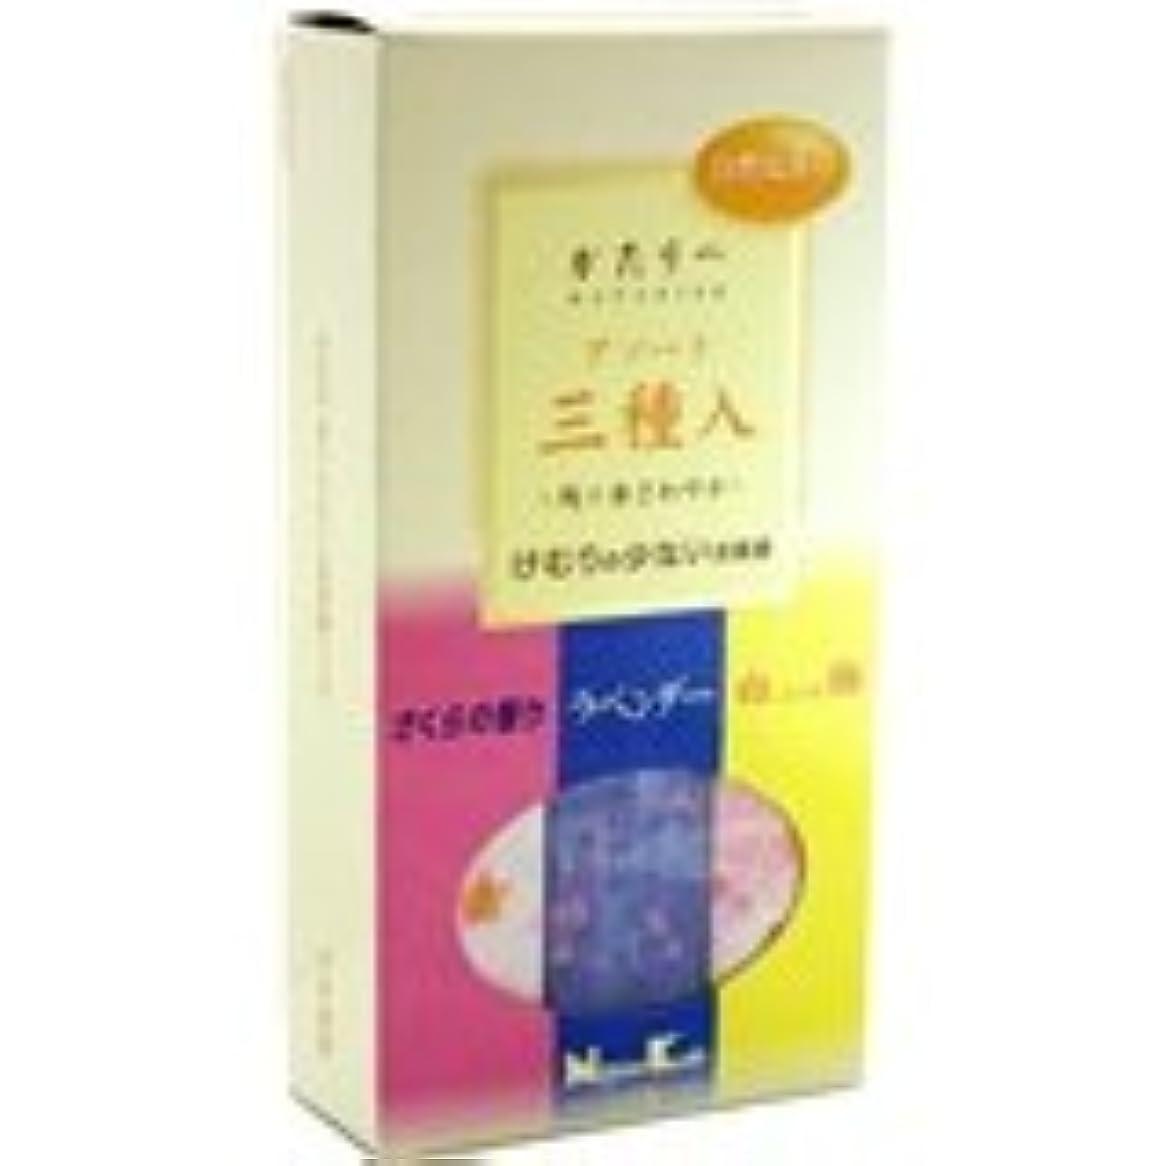 評決と闘うクライマックスお線香 かたりべ 三種入(内容量約141g、総重量約185g)